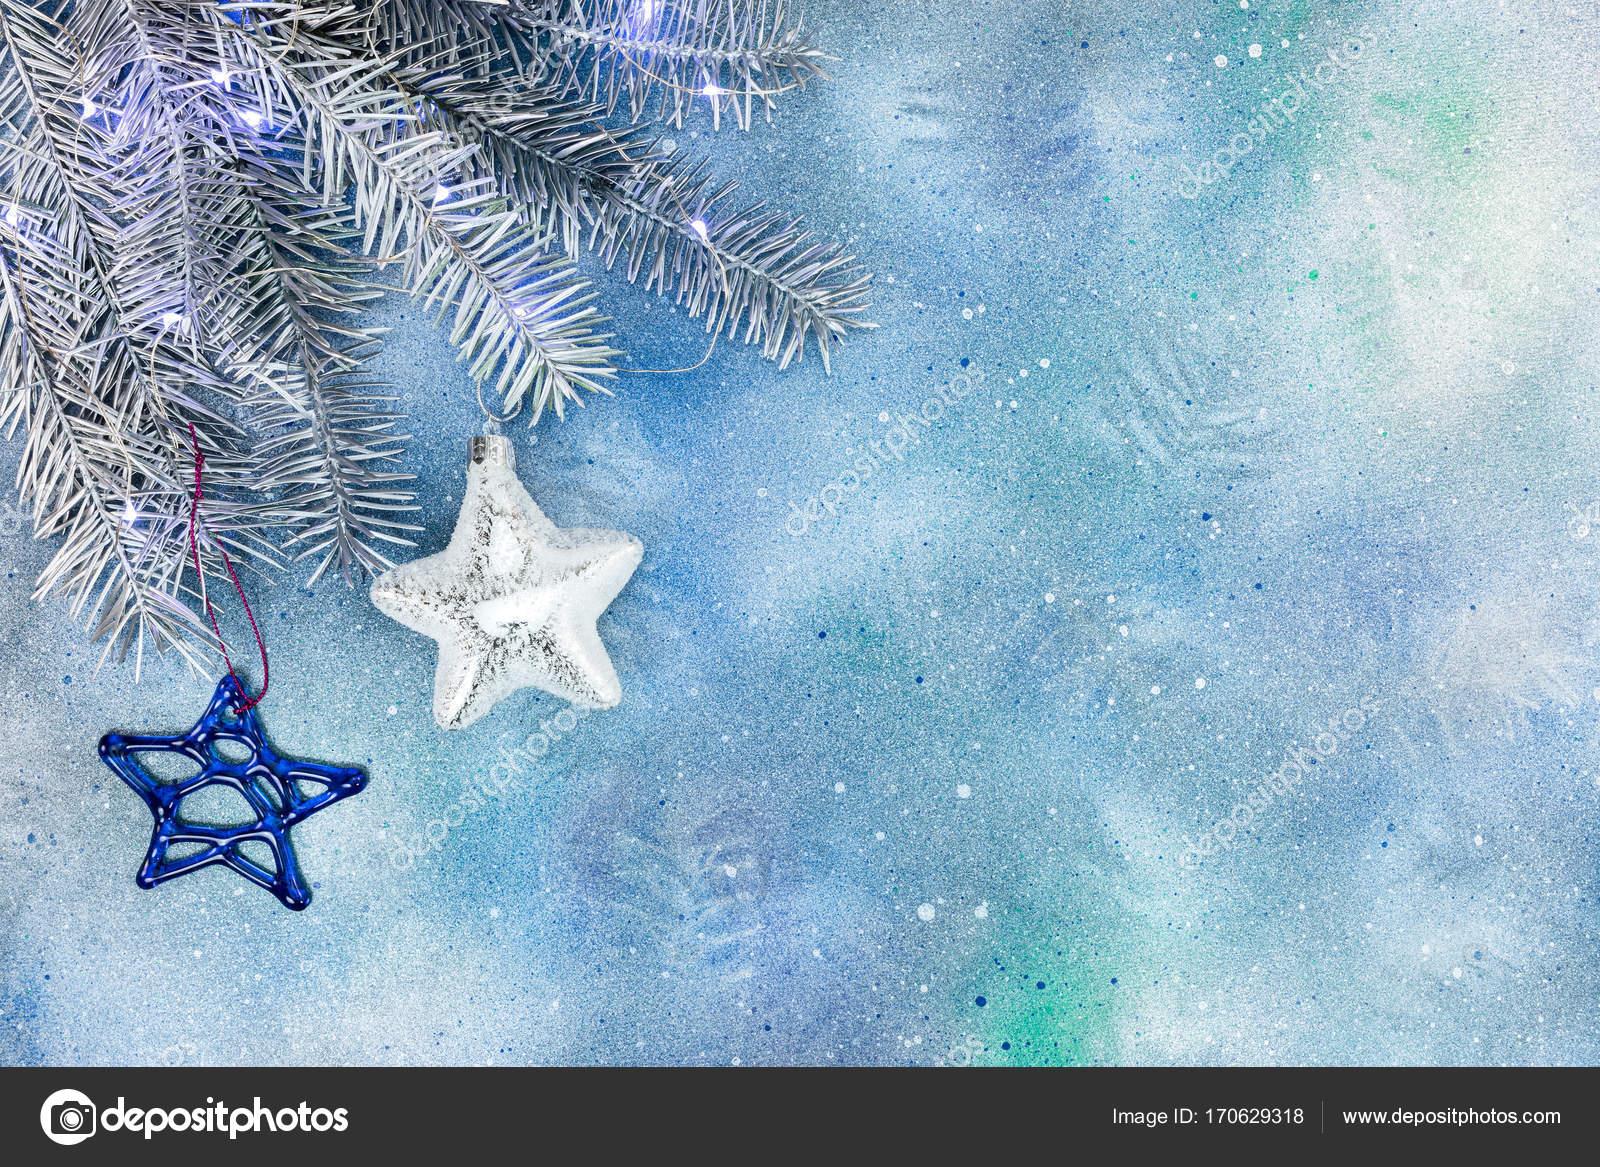 Decorazioni Albero Di Natale Blu : Ramo di albero di natale d argento con decorazioni di vetro stelle